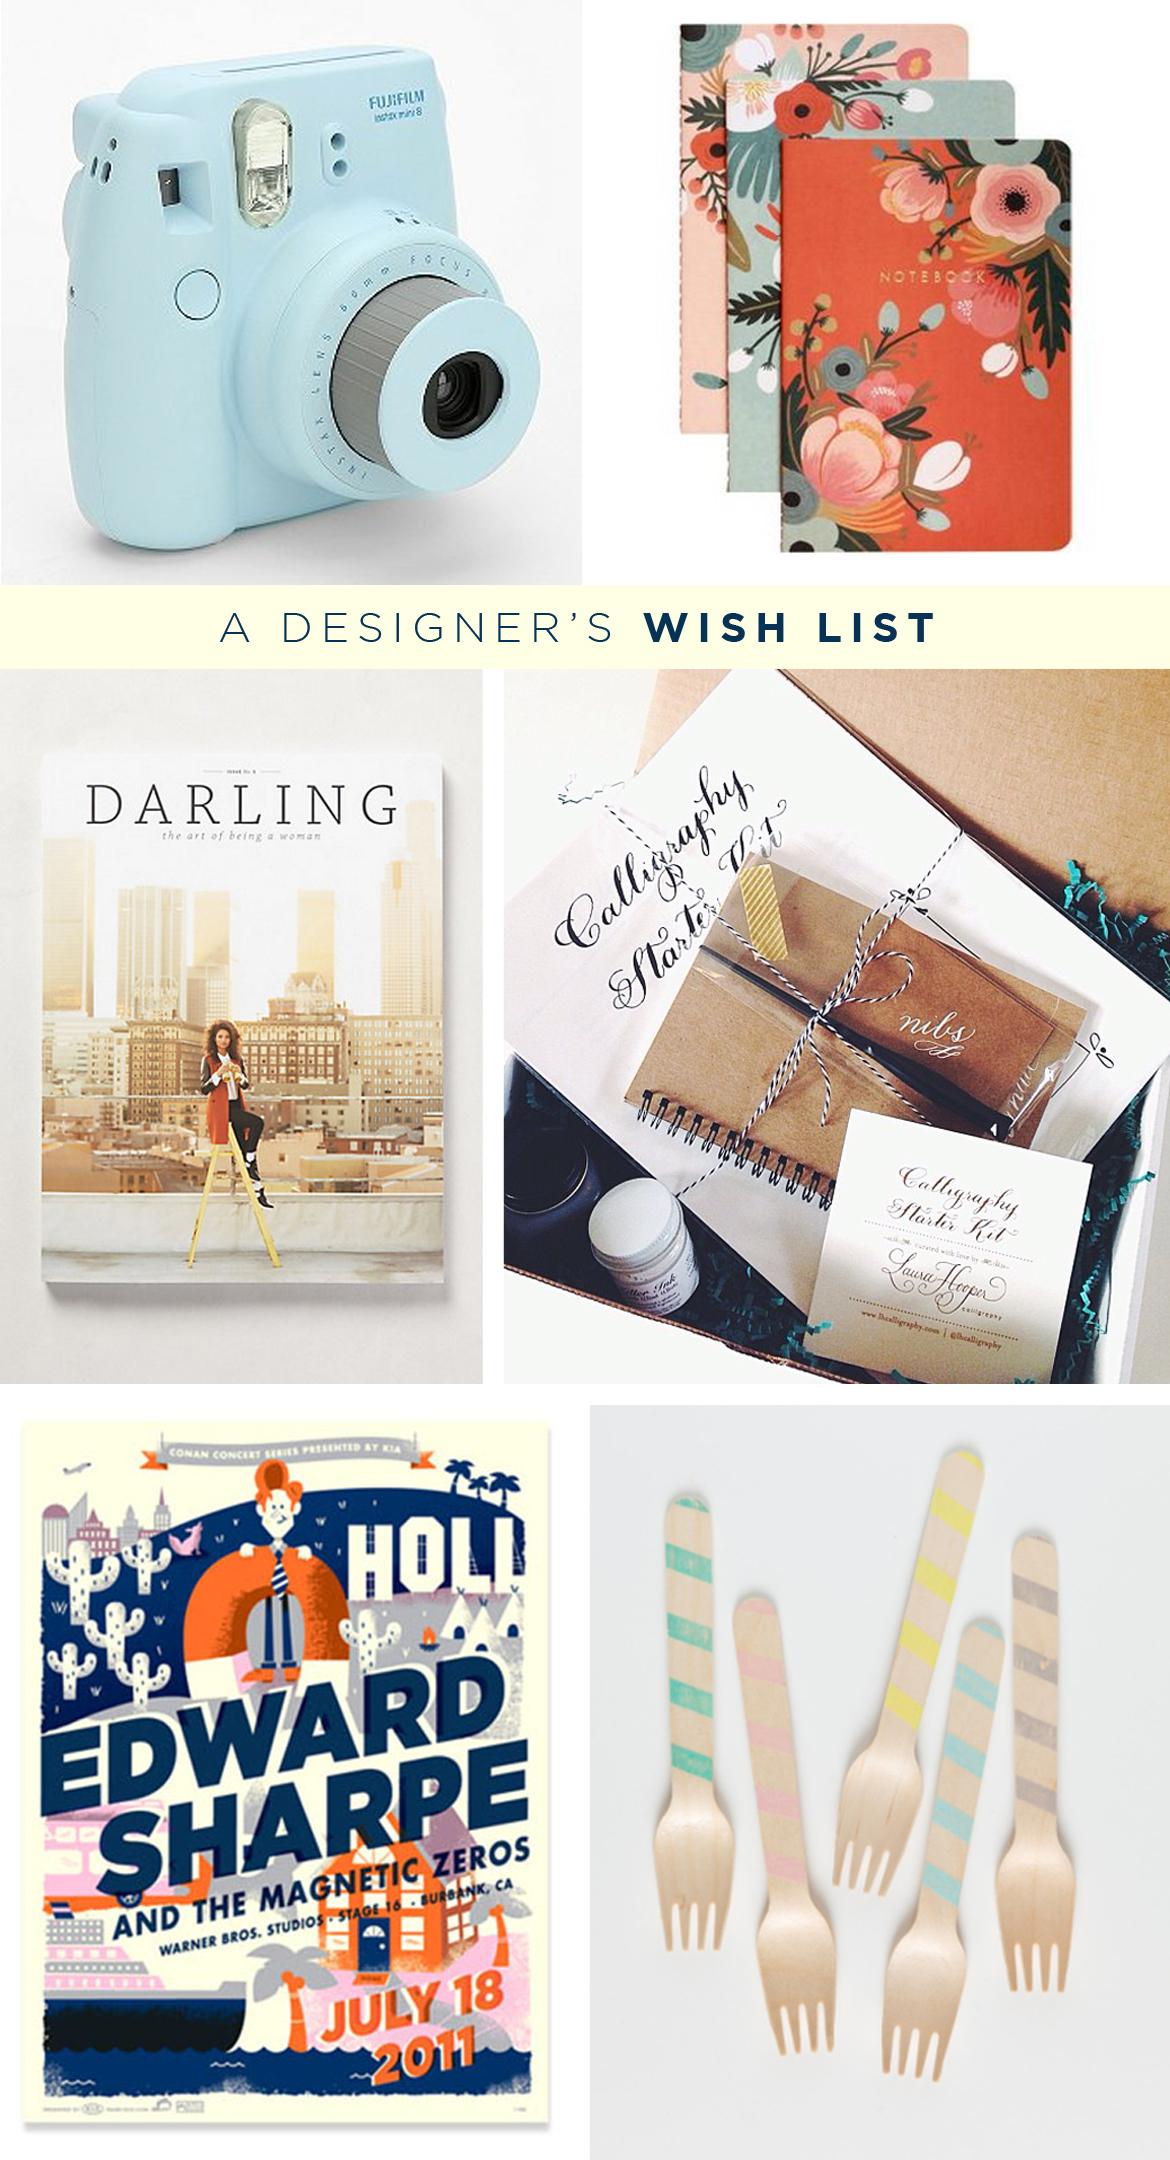 A-Designer's-Wish-List.jpg